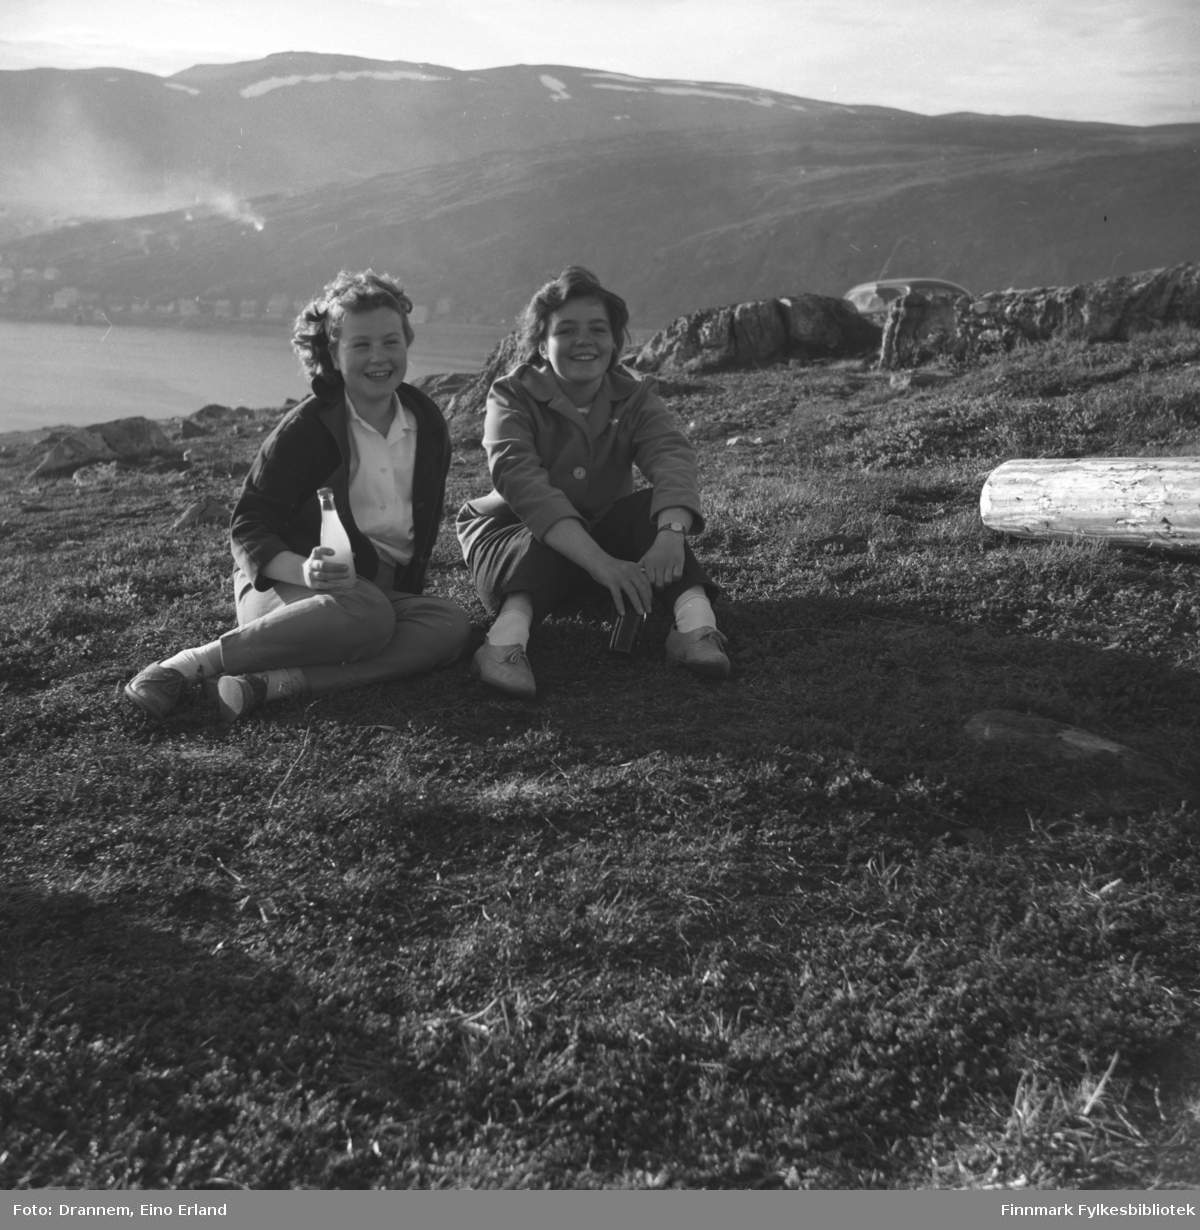 Turid Karikoski og Maija, etternavn ukjent, forografert på fjellet Salen i Hammerfest. Bebyggelsen langs Fuglenesveien ses i bakgrunnen.